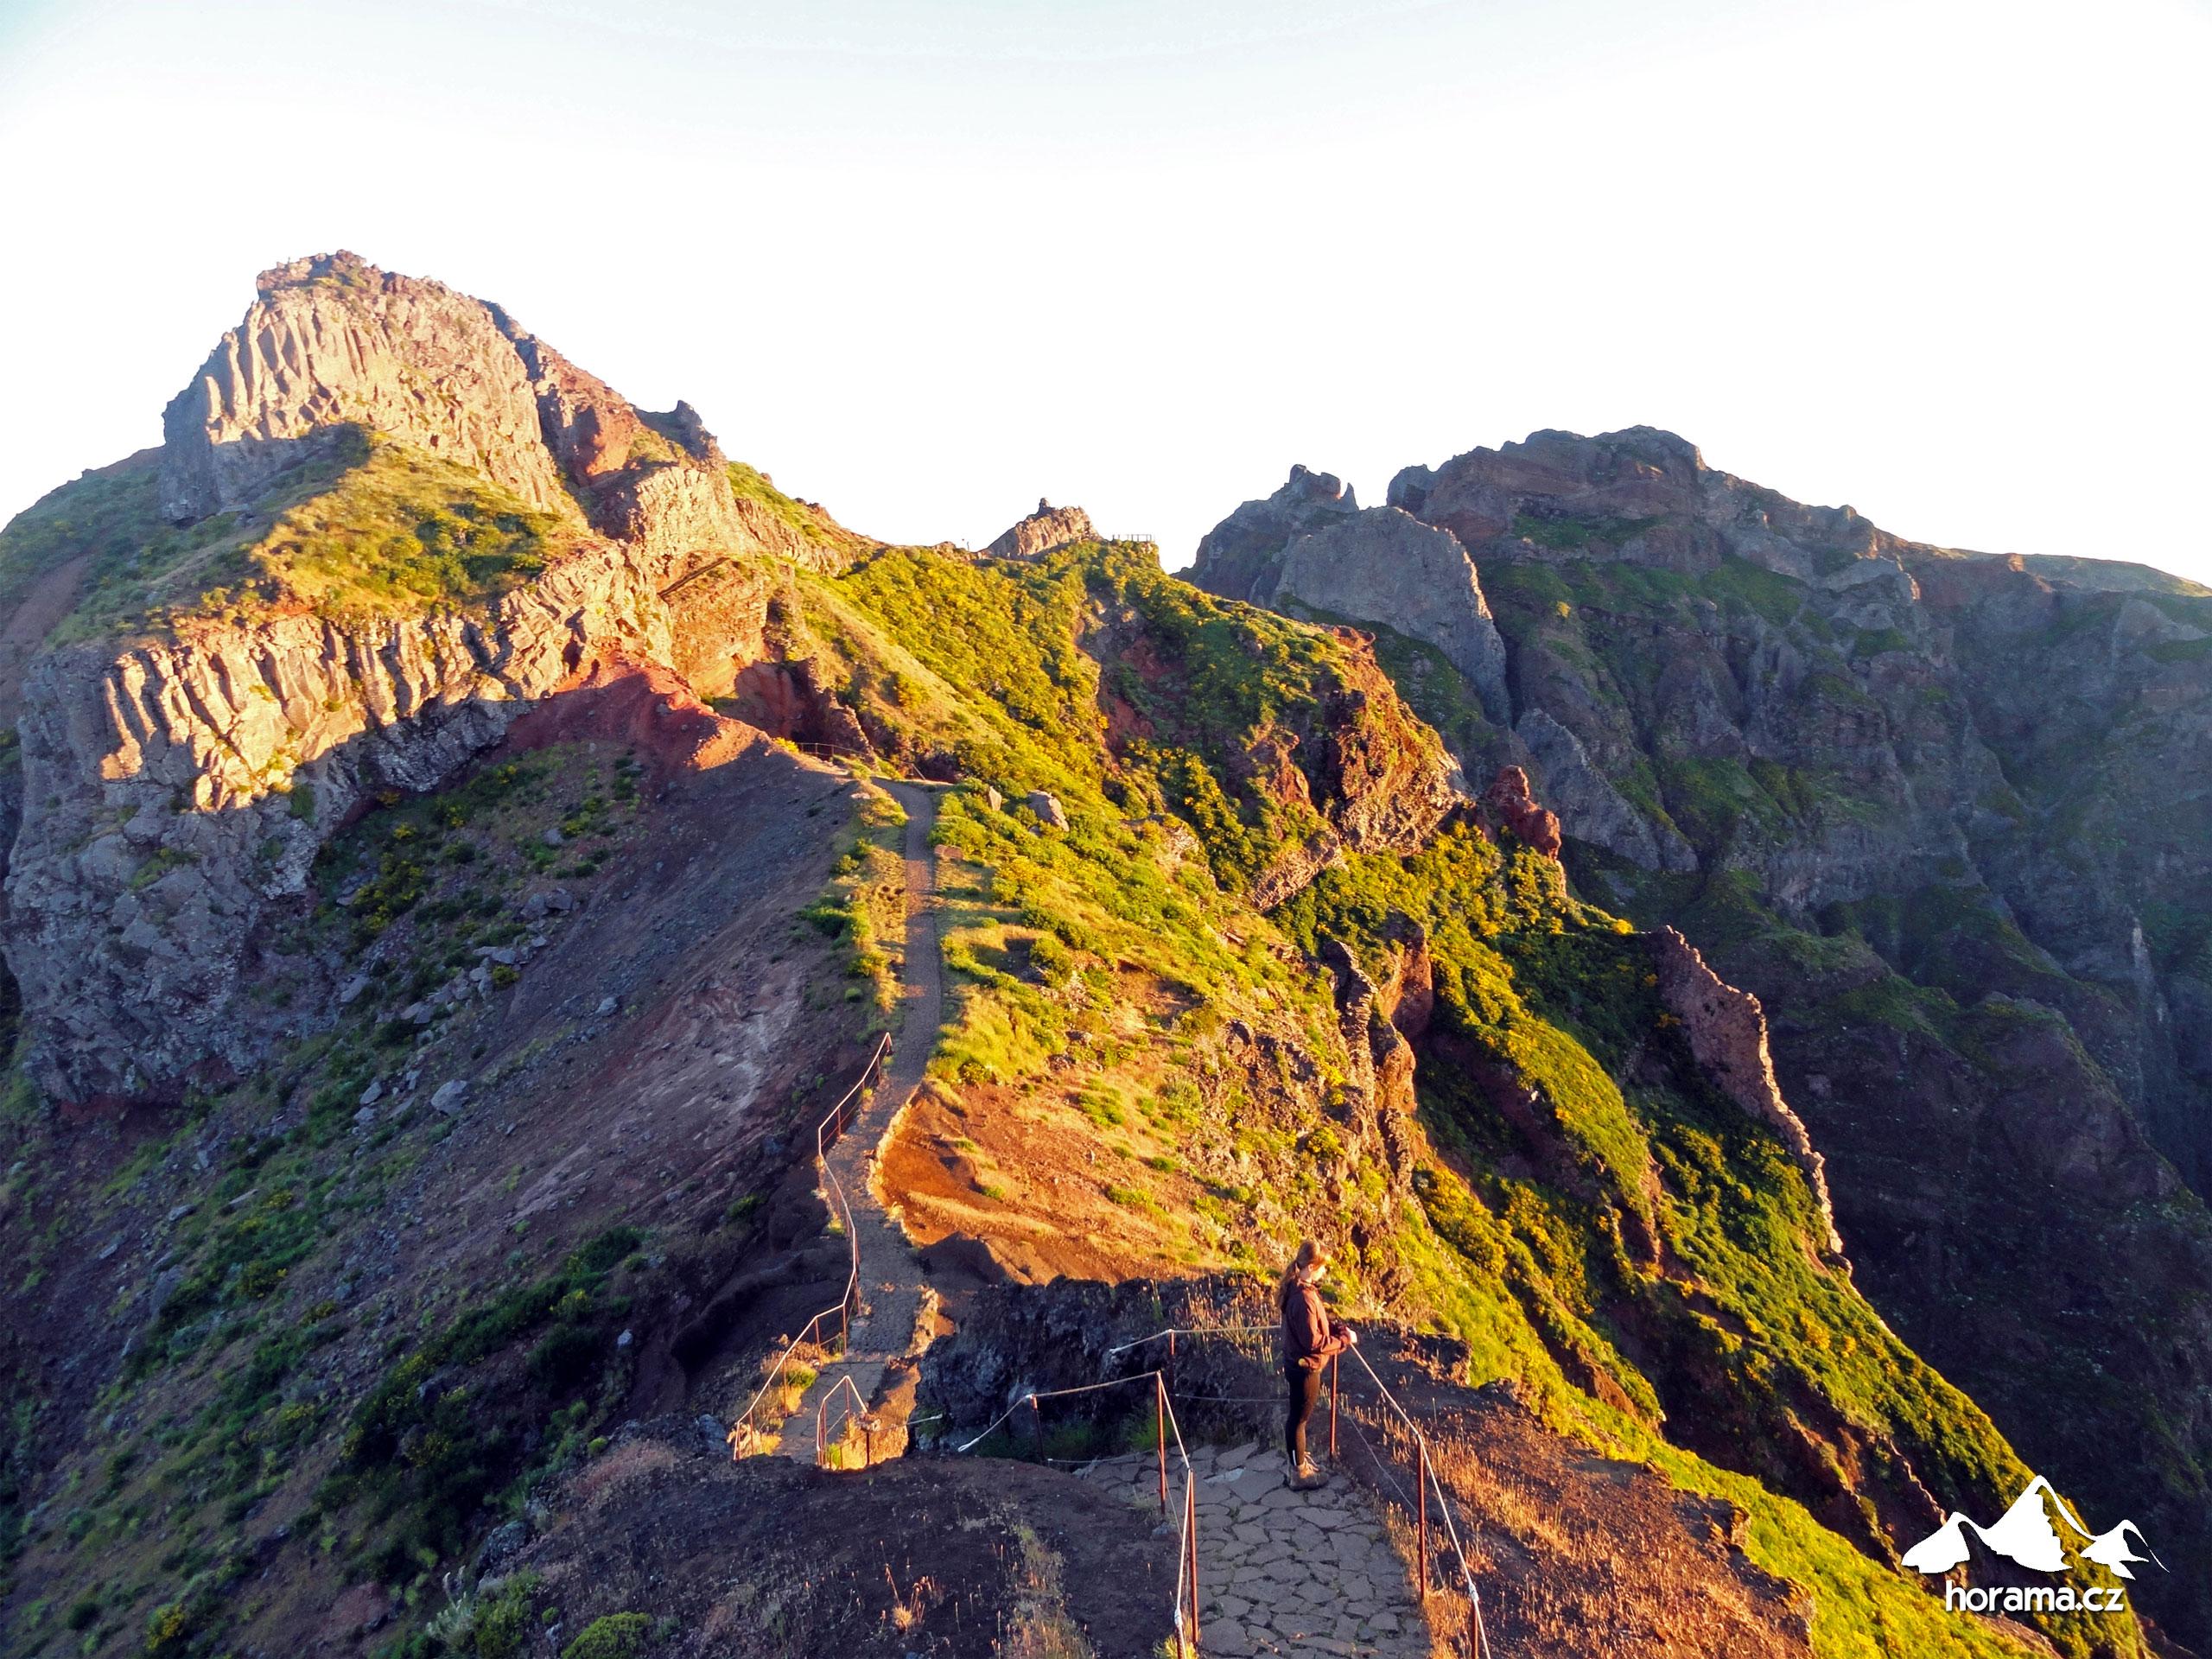 Pico Arieiro Madeira